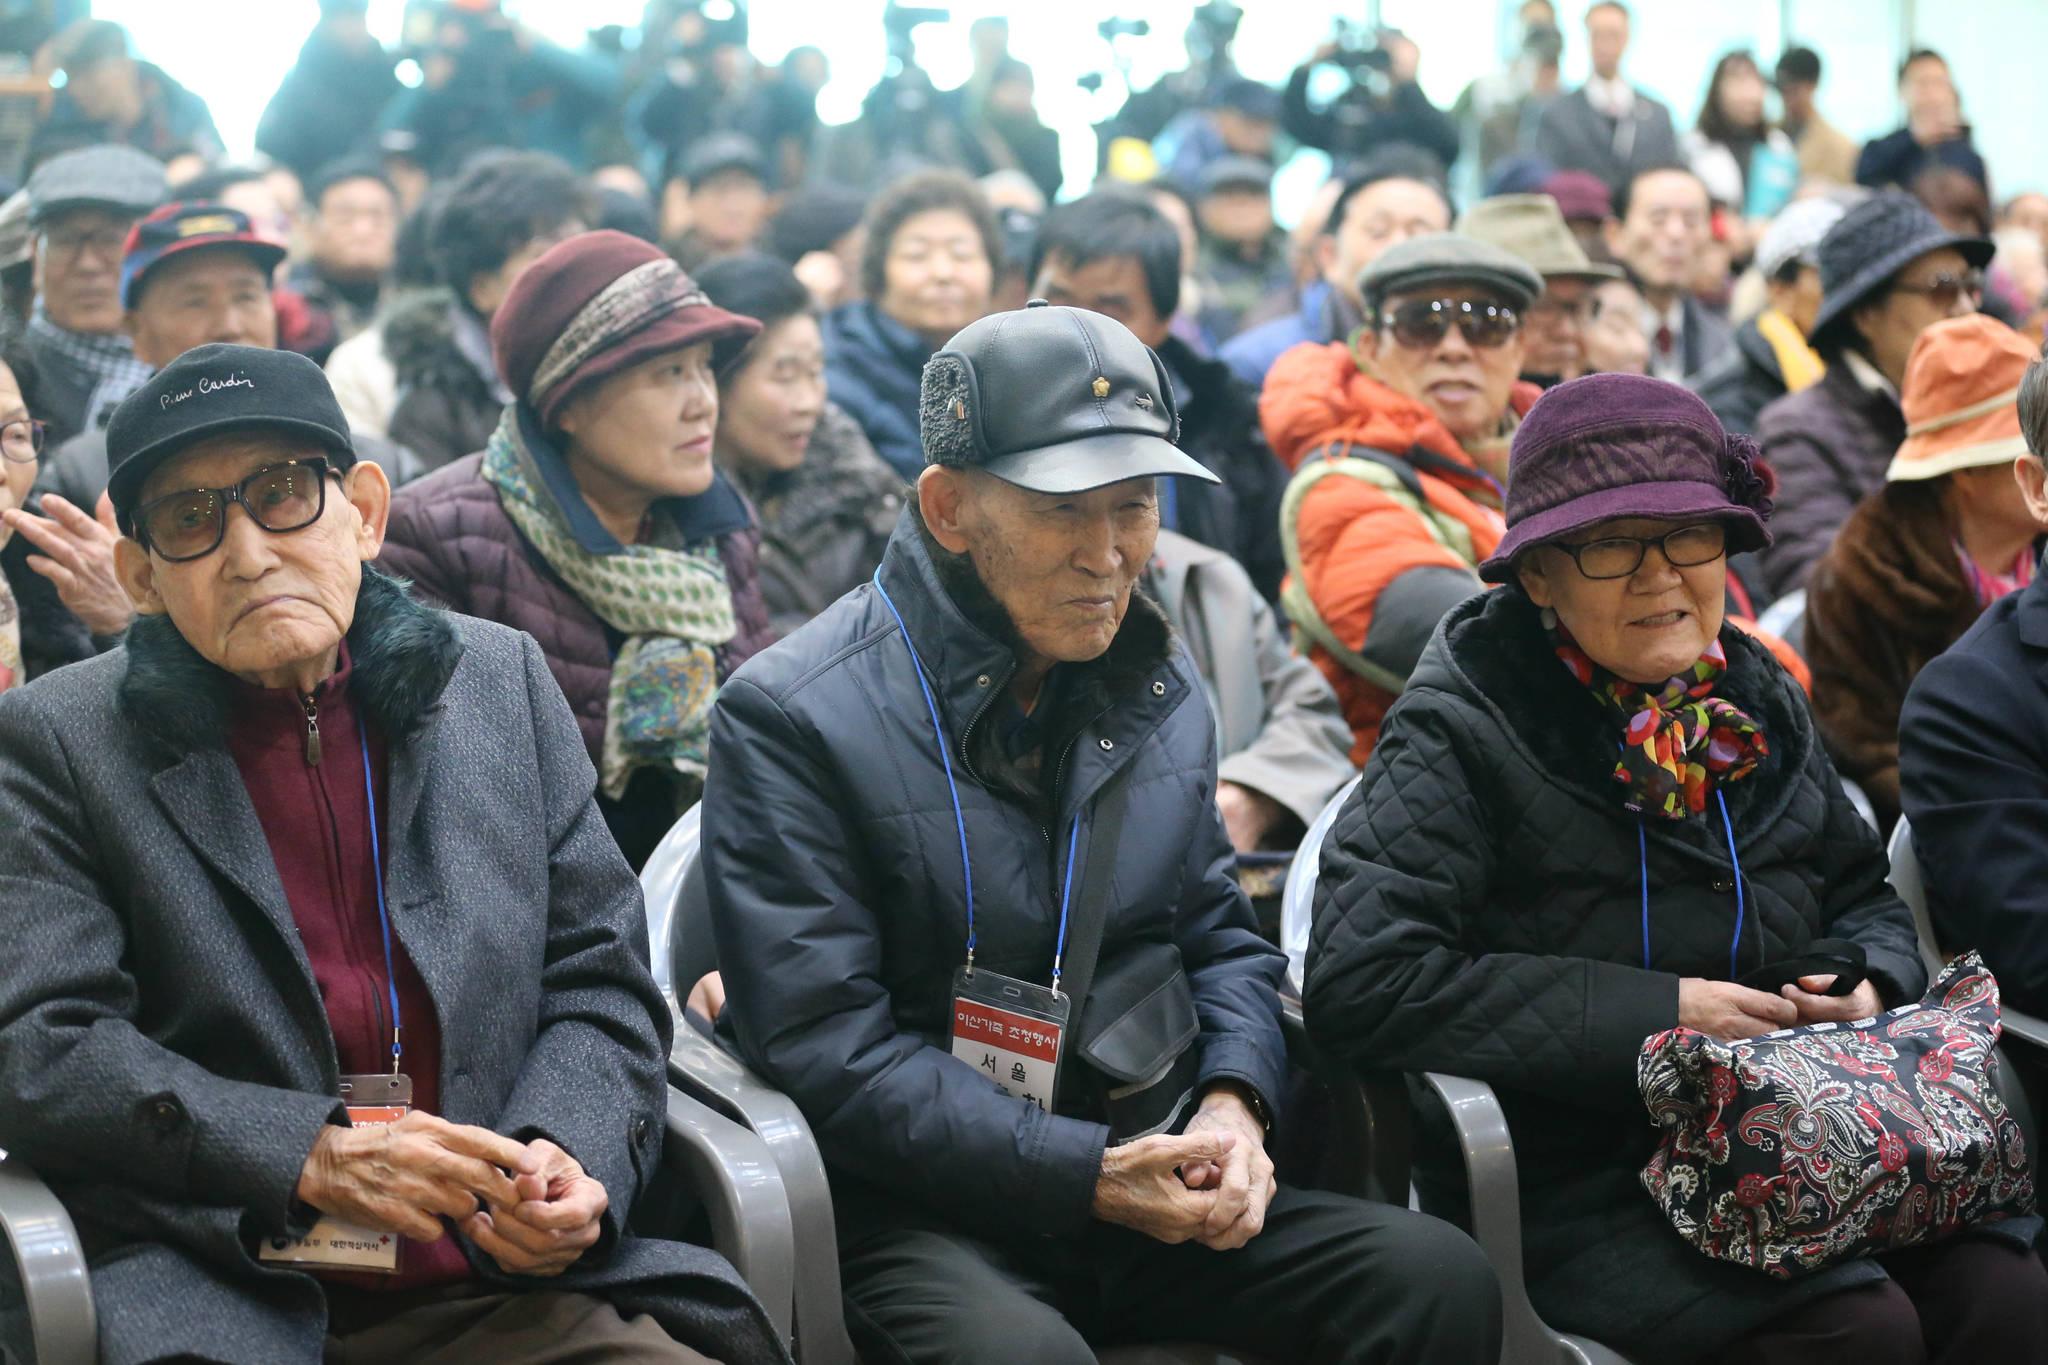 이산가족들이 개막식 식전행사에 참석해 노래공연을 듣고 있다. 신인섭 기자